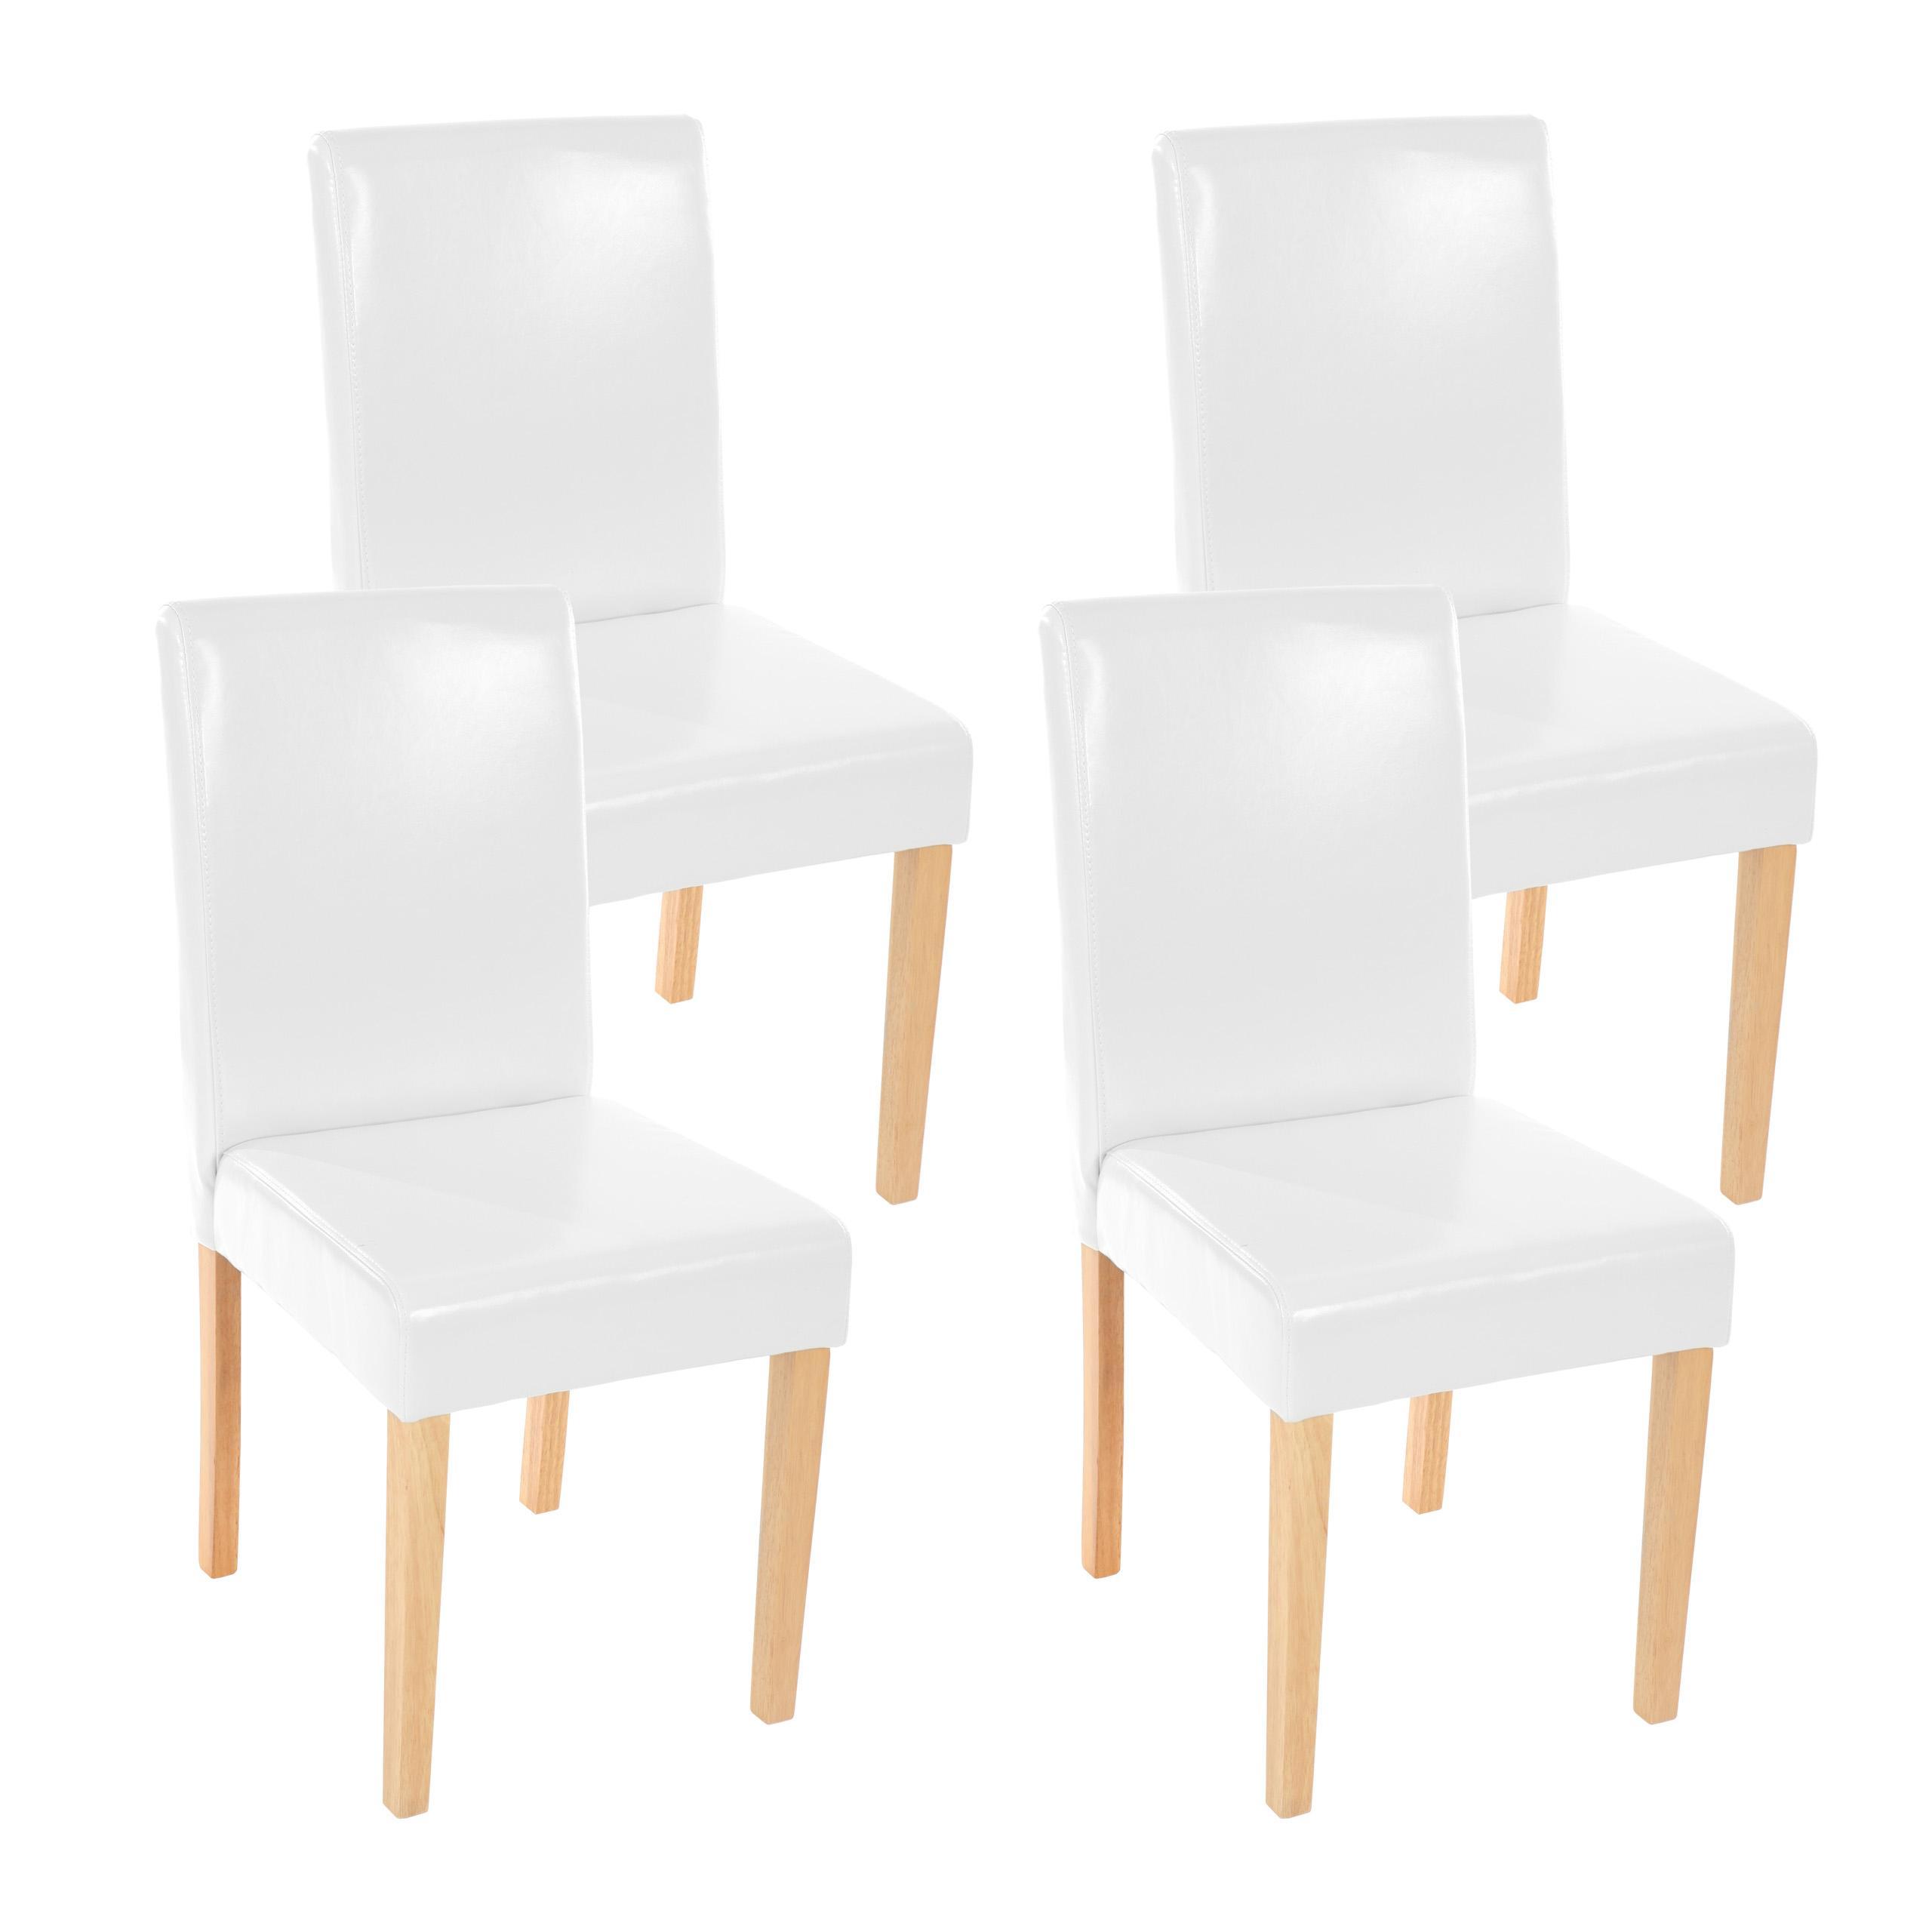 Lote 4 sillas de comedor litau precioso dise o piel for Sillas cocina blancas